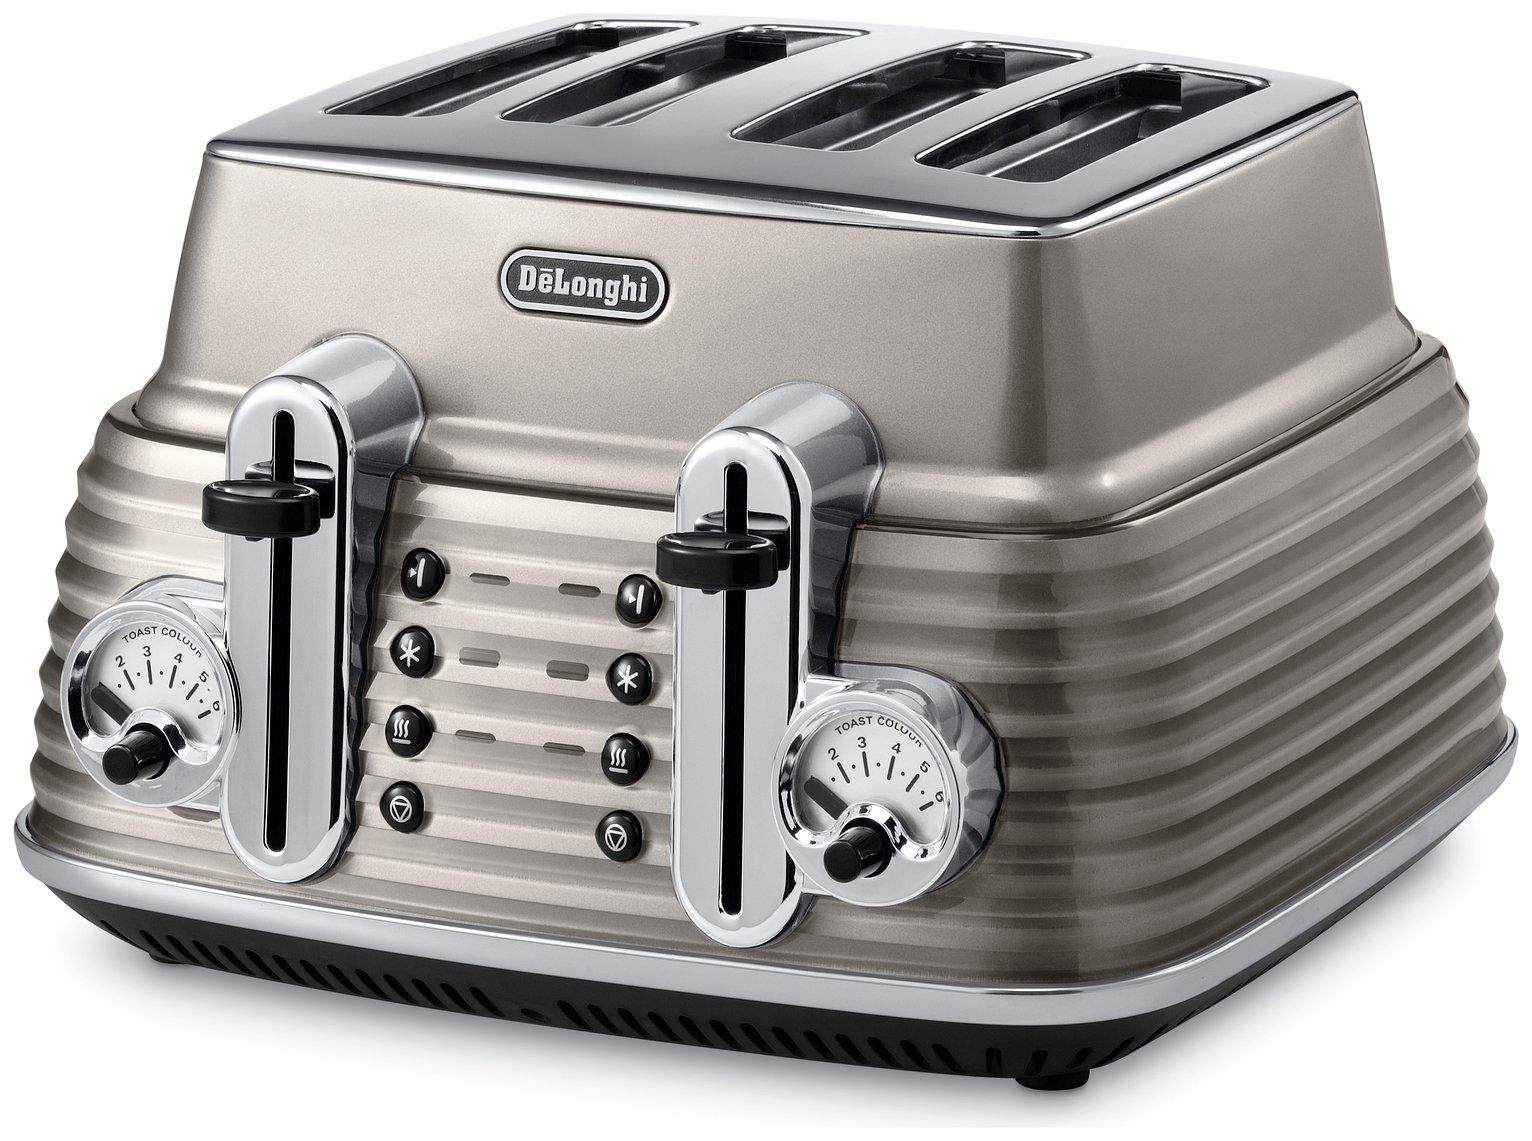 DeLonghi Scultura 4 Slice Toaster - Champagne